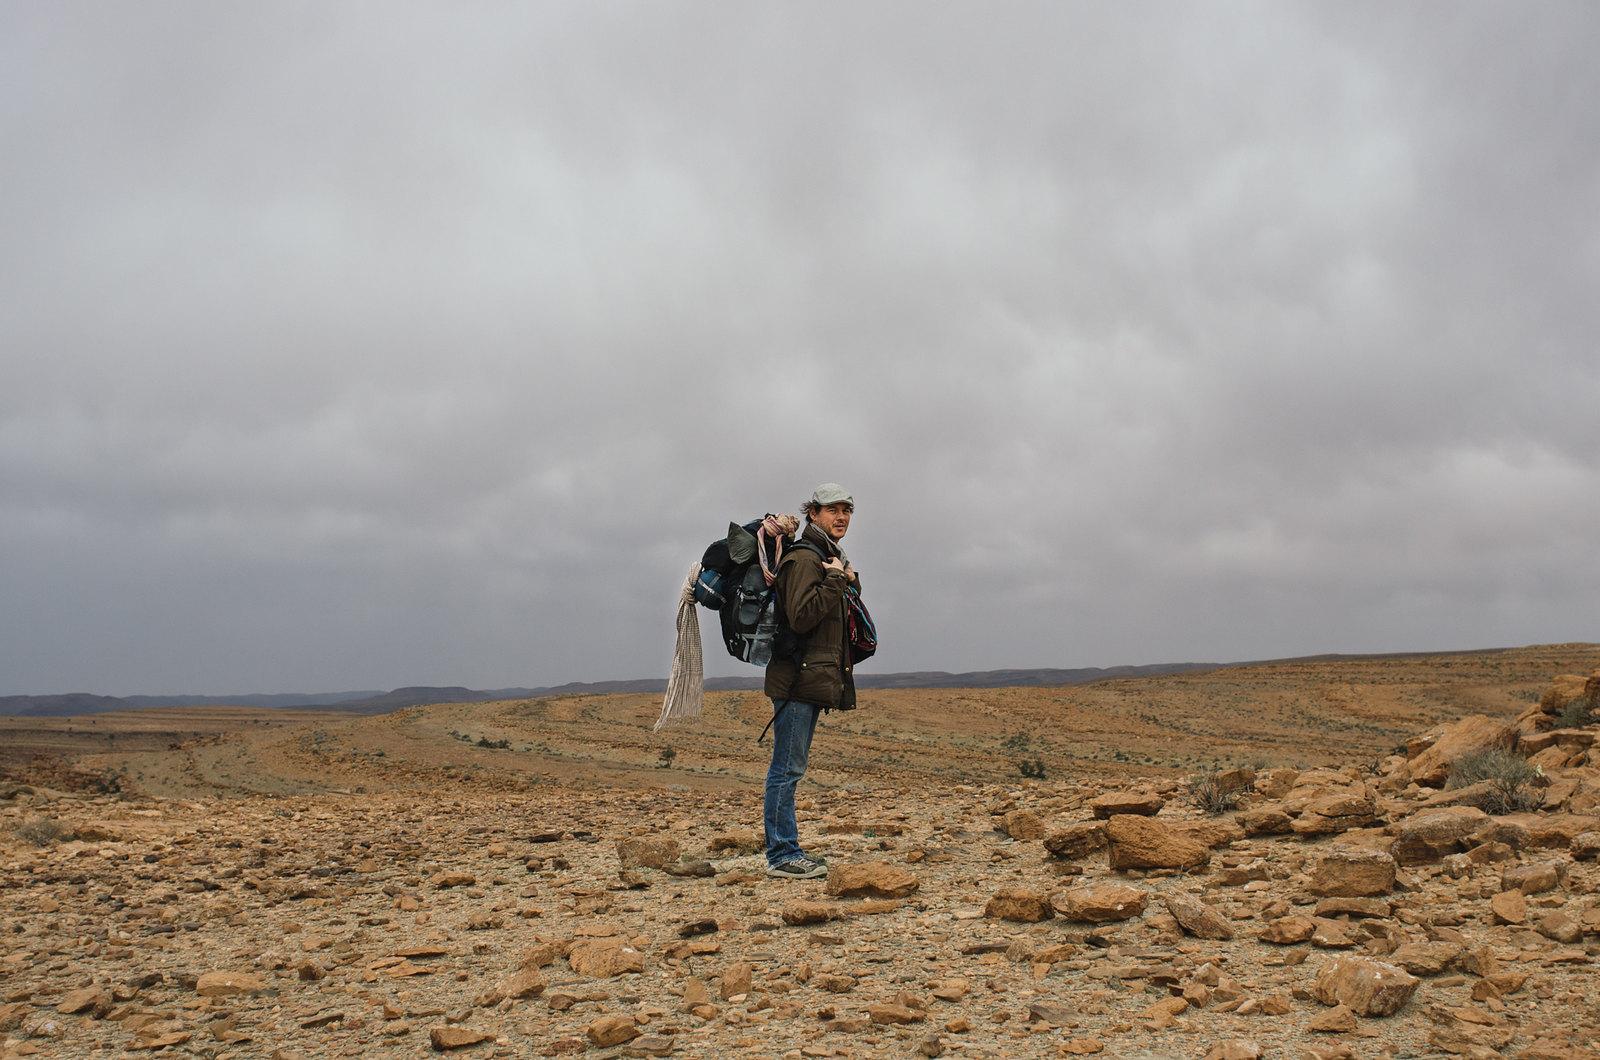 Trek sans guide au Maroc - 5 jours dans l'anti-Atlas - Tranber sous le ciel sans diamants